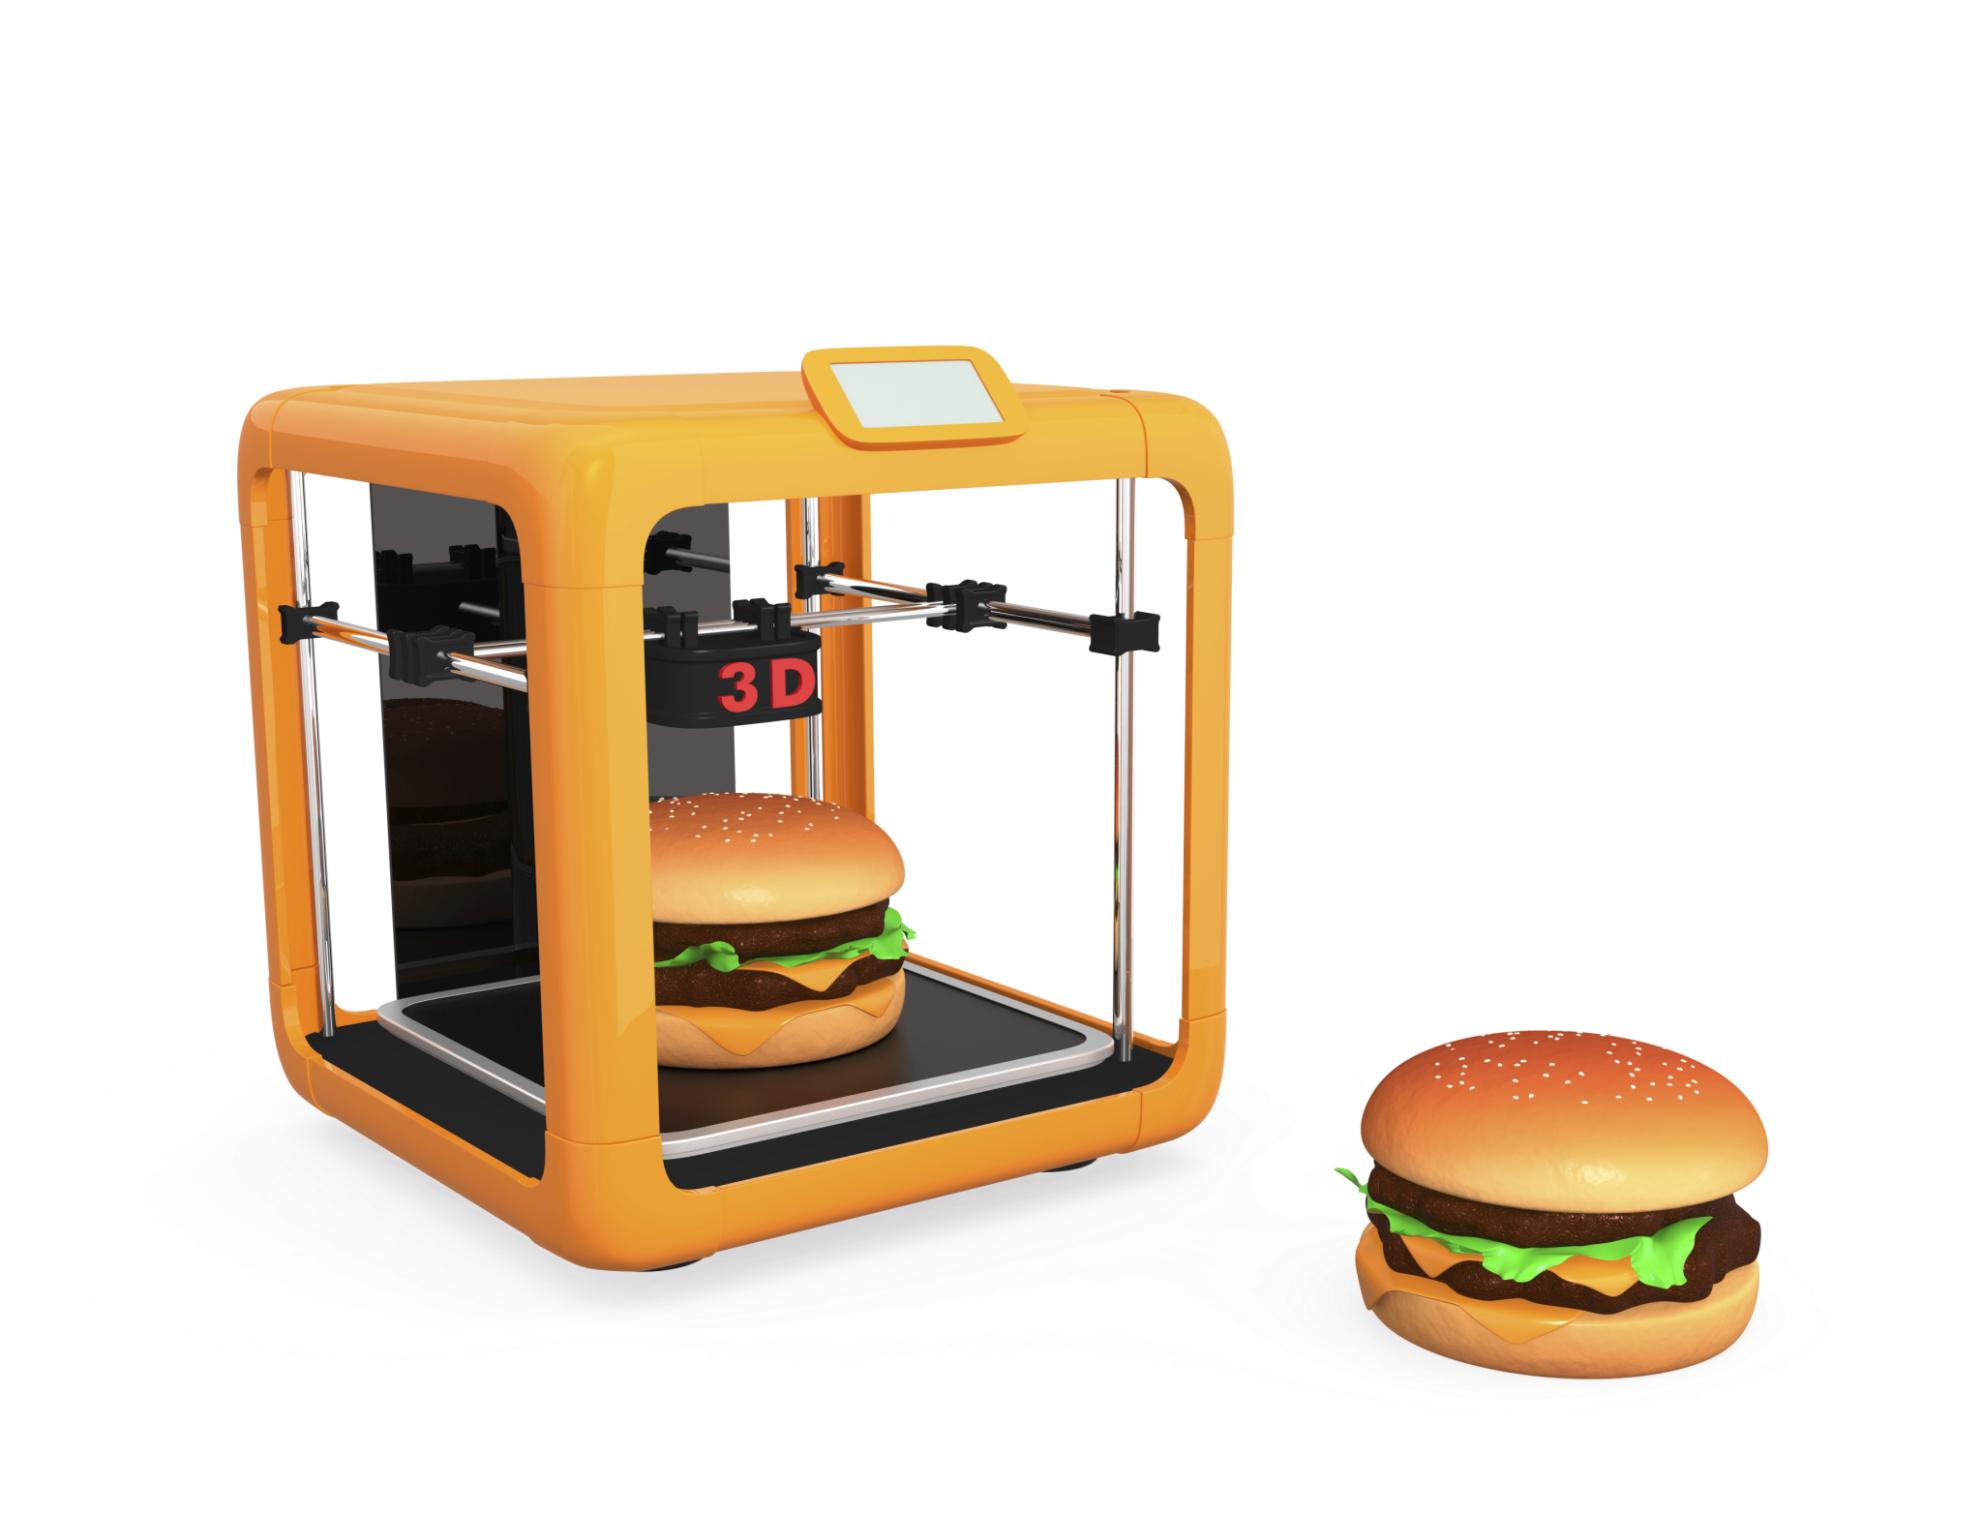 Američtí vojáci si budou tisknout příděly ve 3D tiskárně